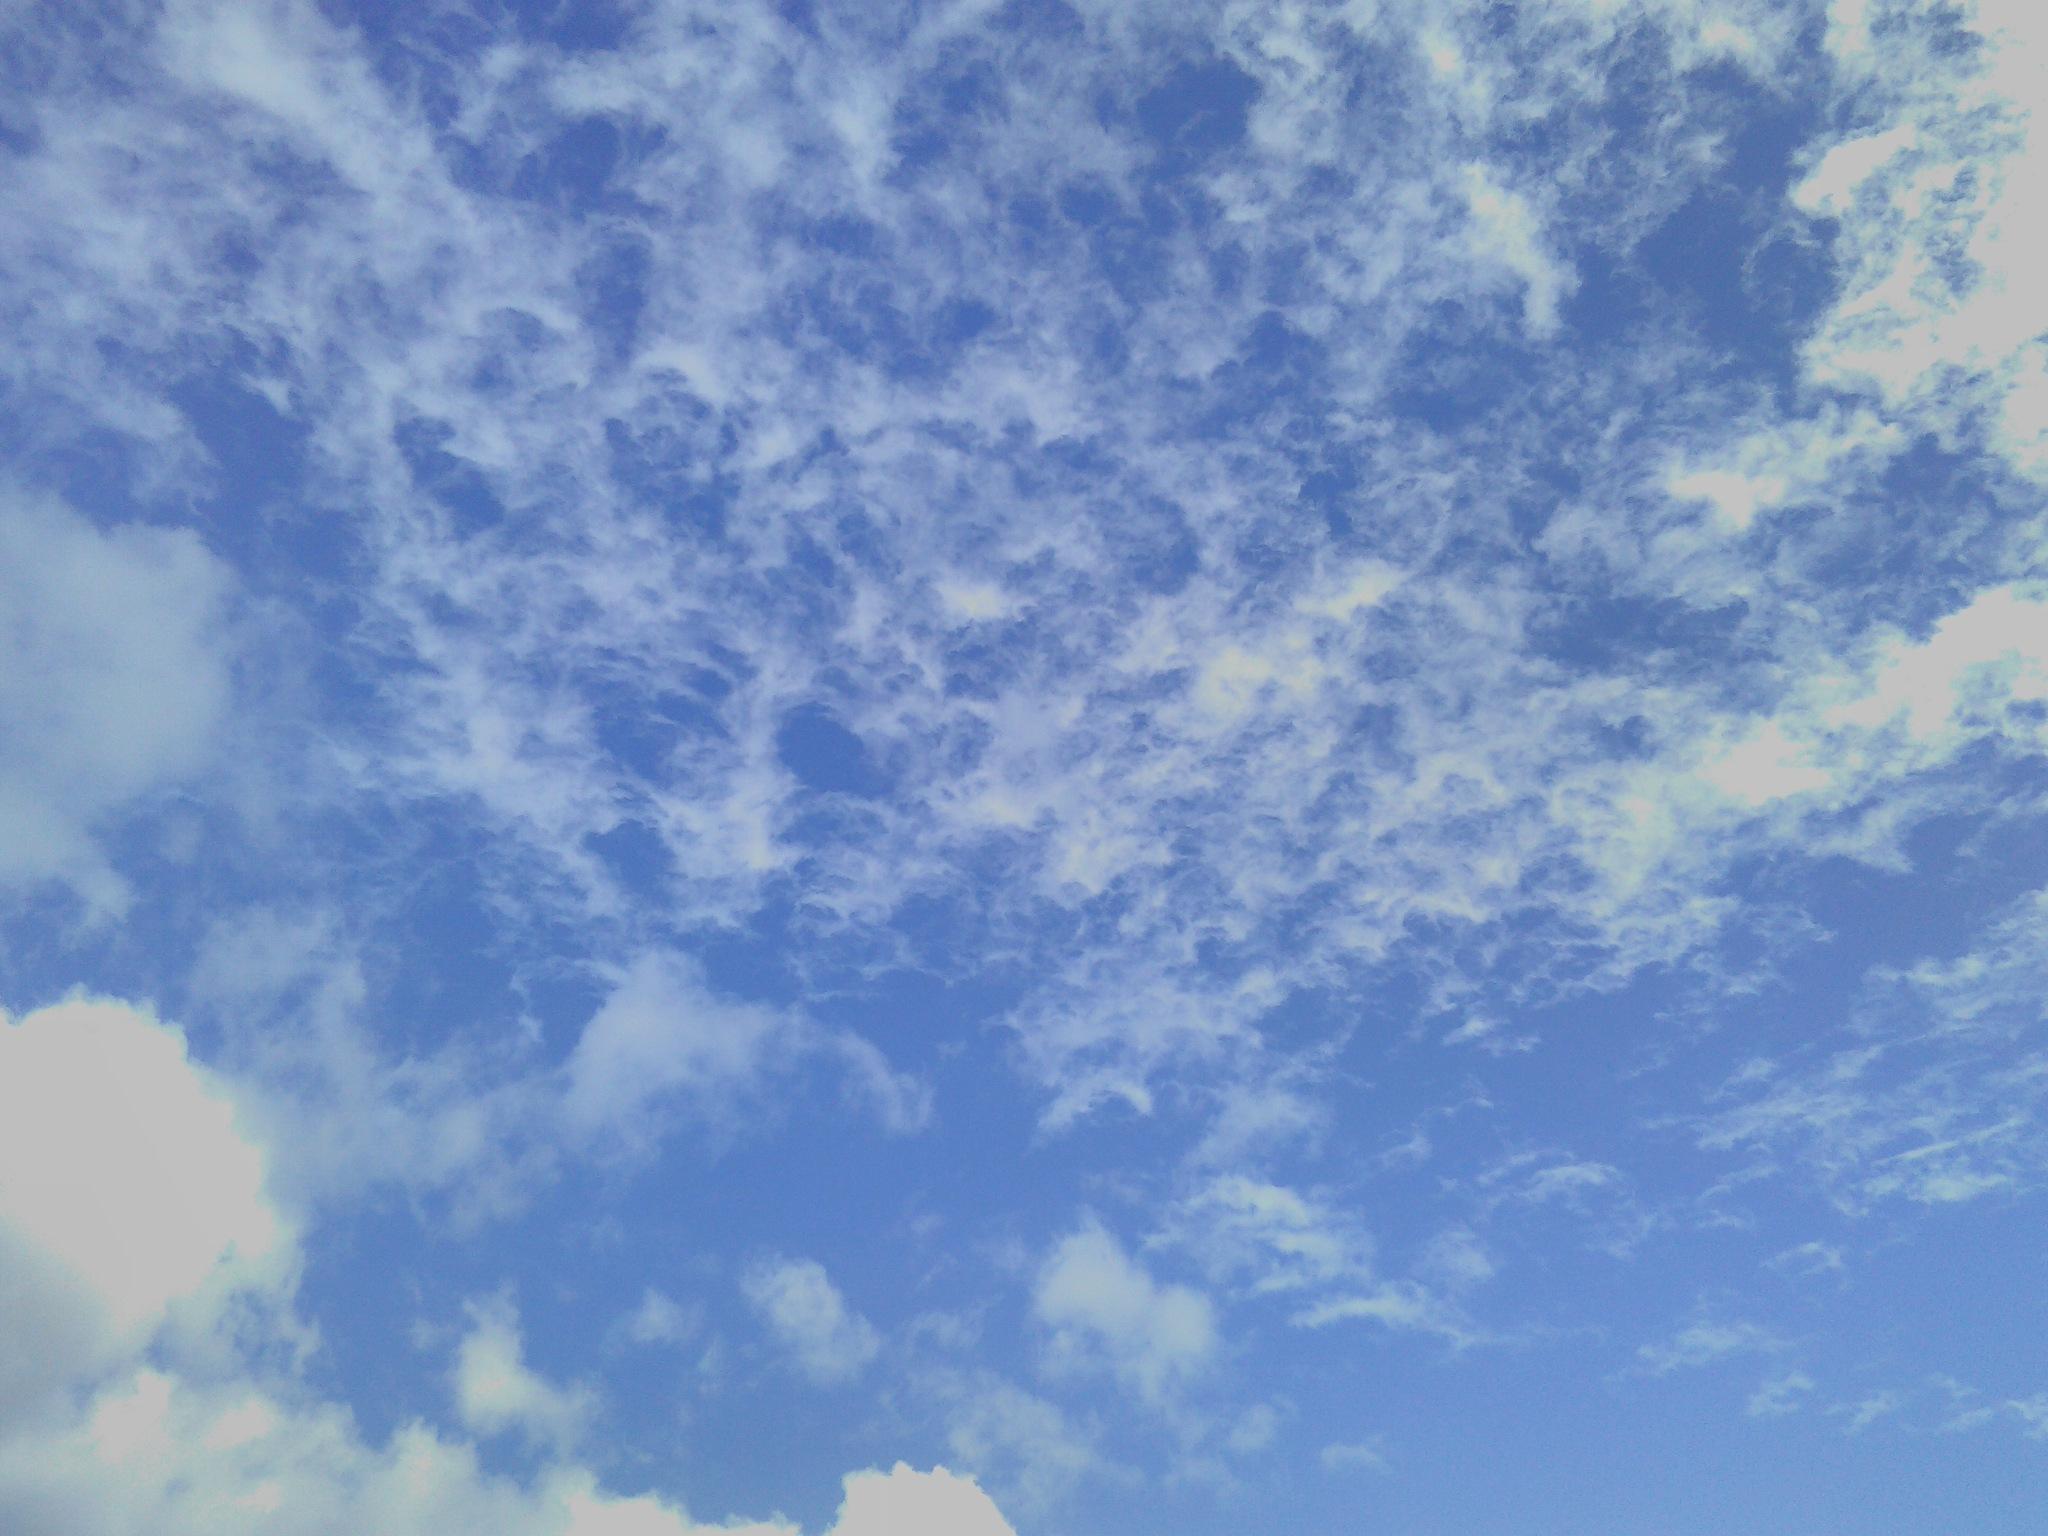 morcellement nuageux by Rachid De B.